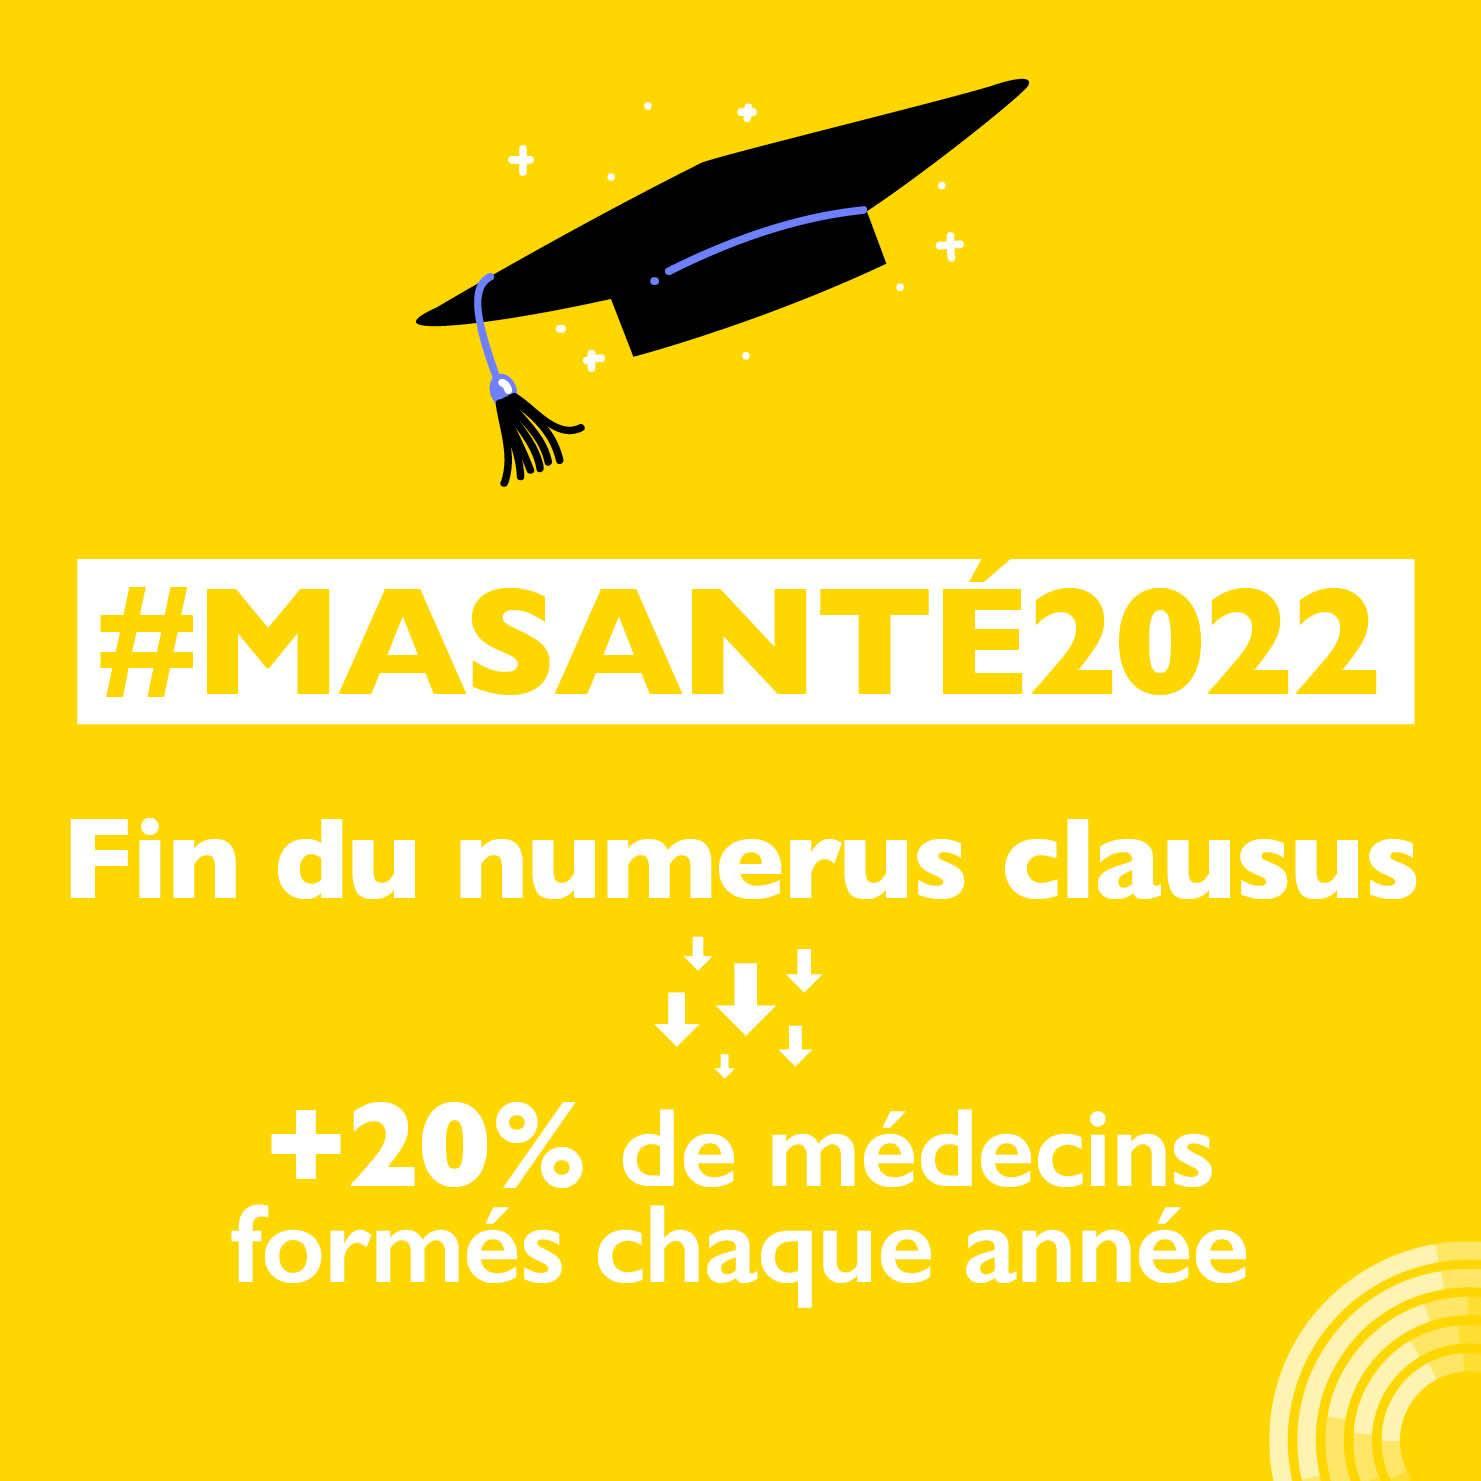 ma-santé-2022-fin-du-numerus-clausus